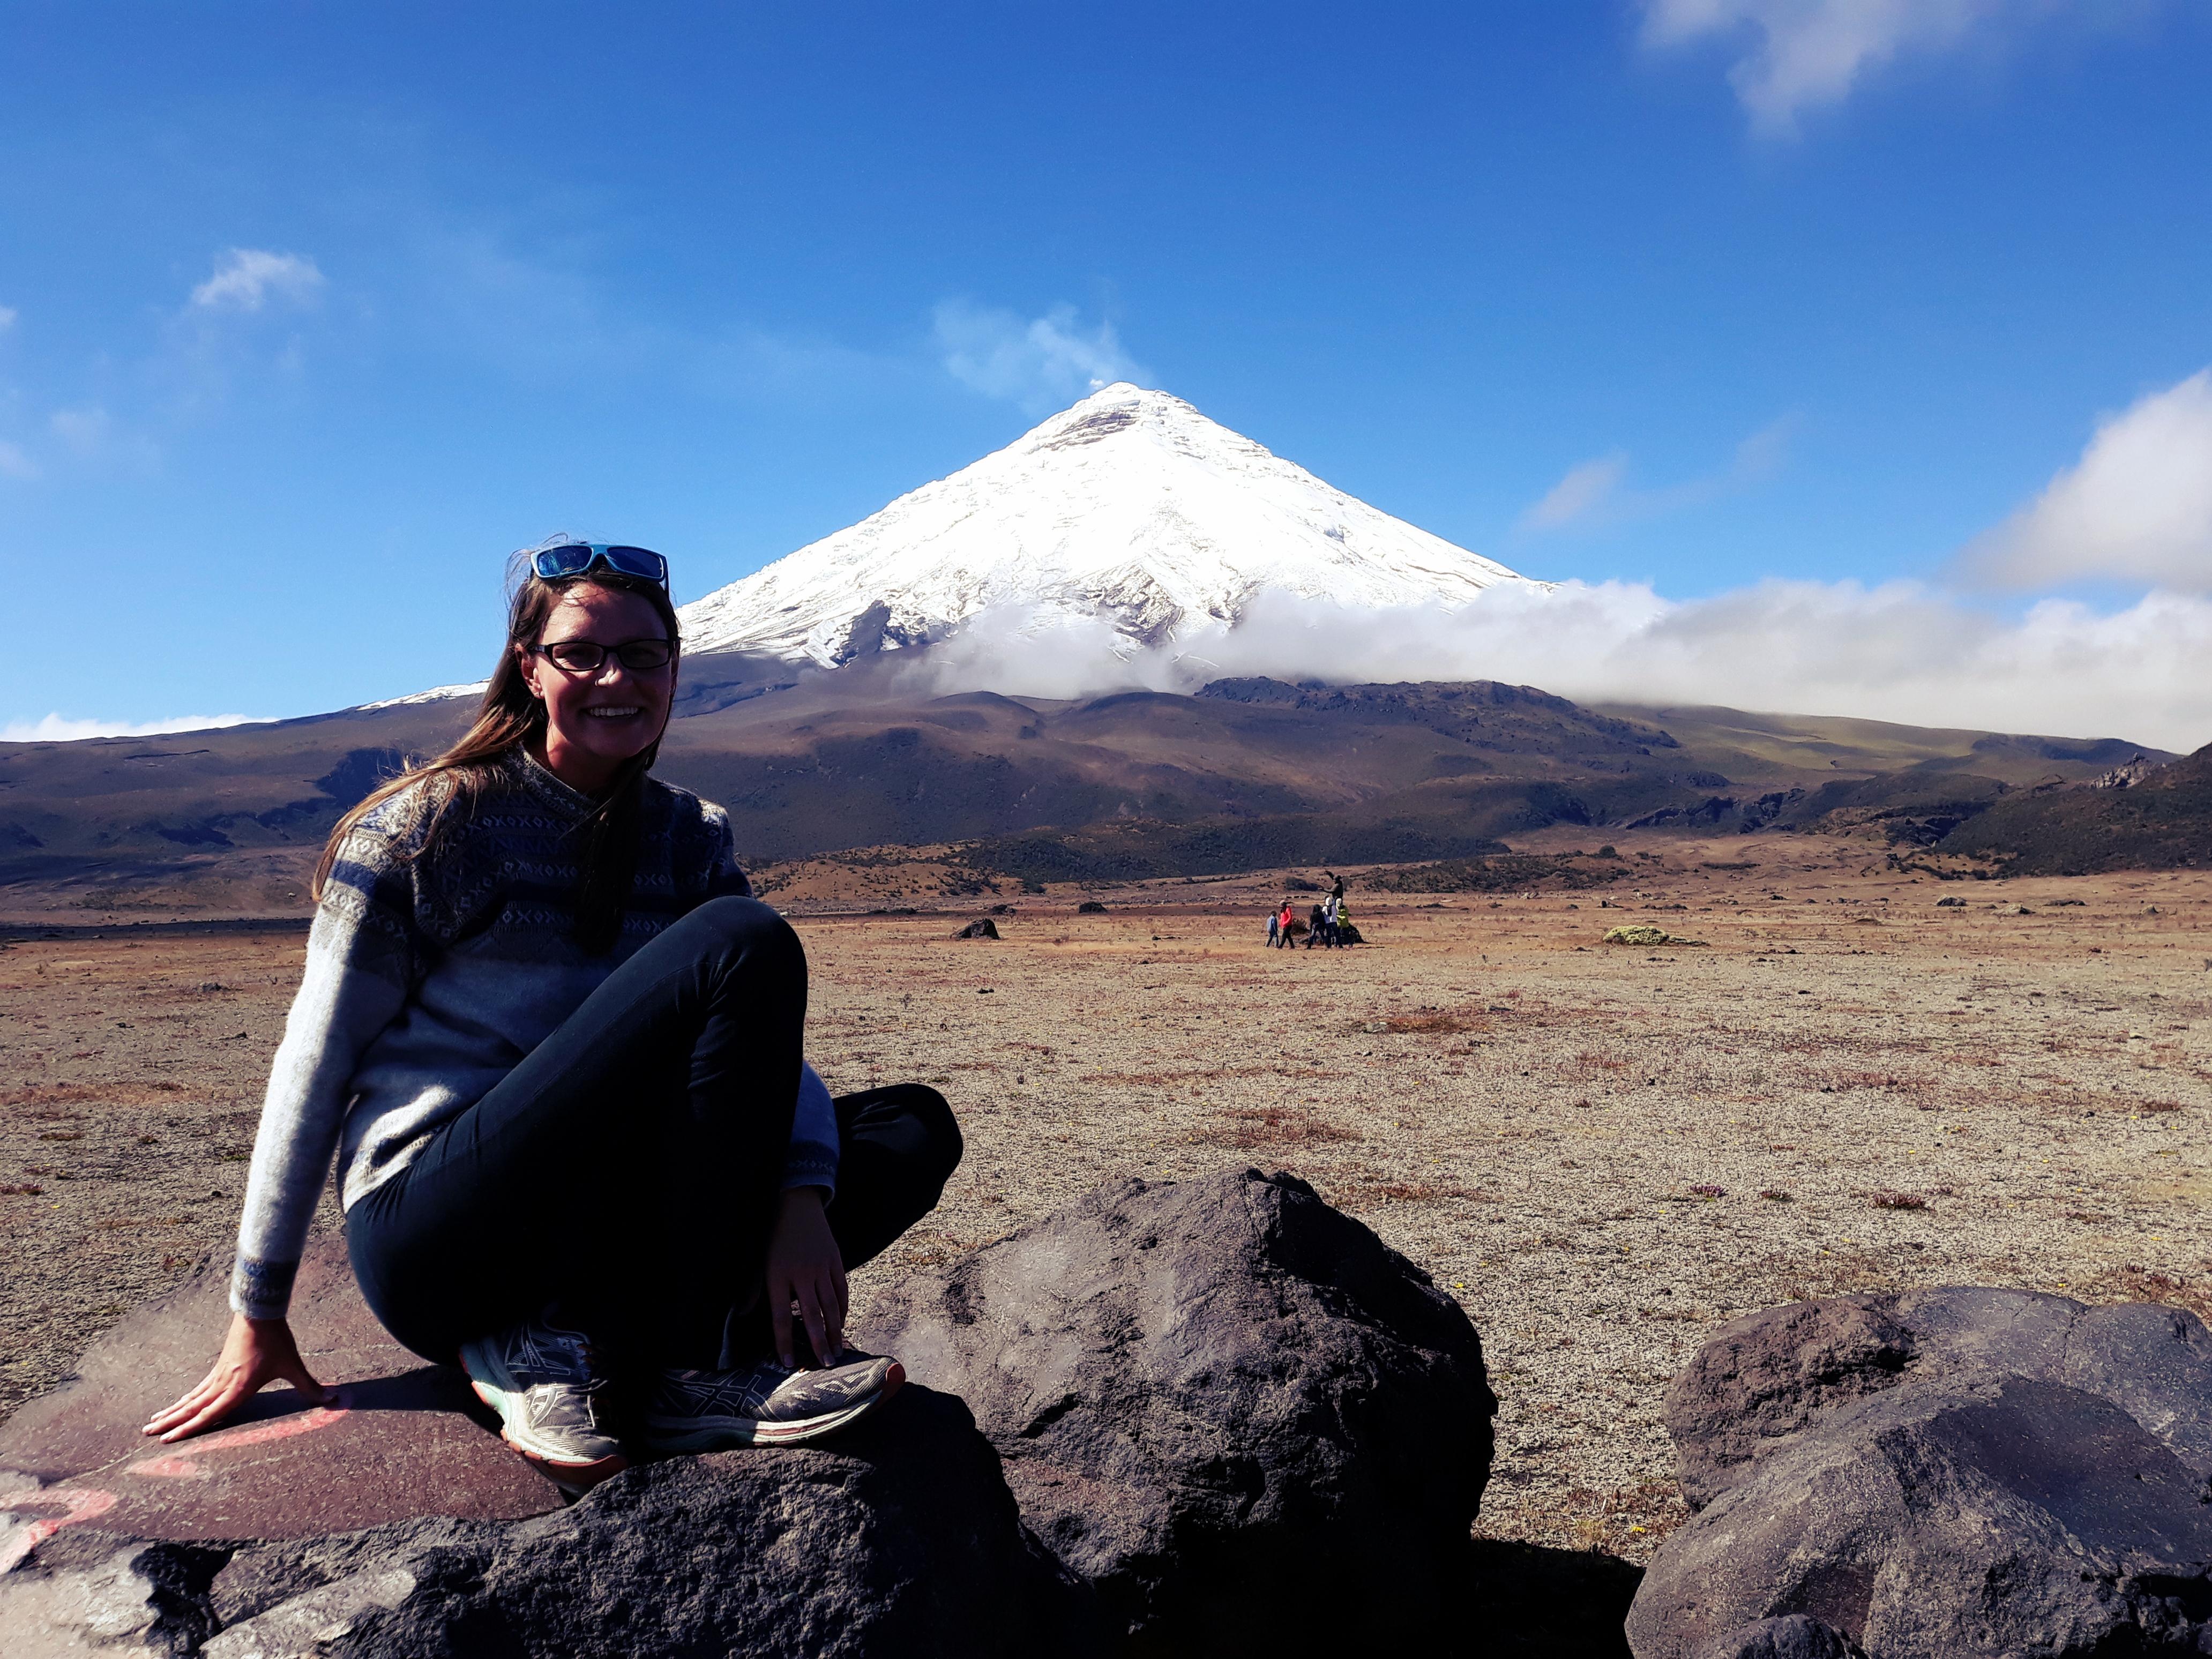 ¿Cómo llegar al Volcán Cotopaxi?